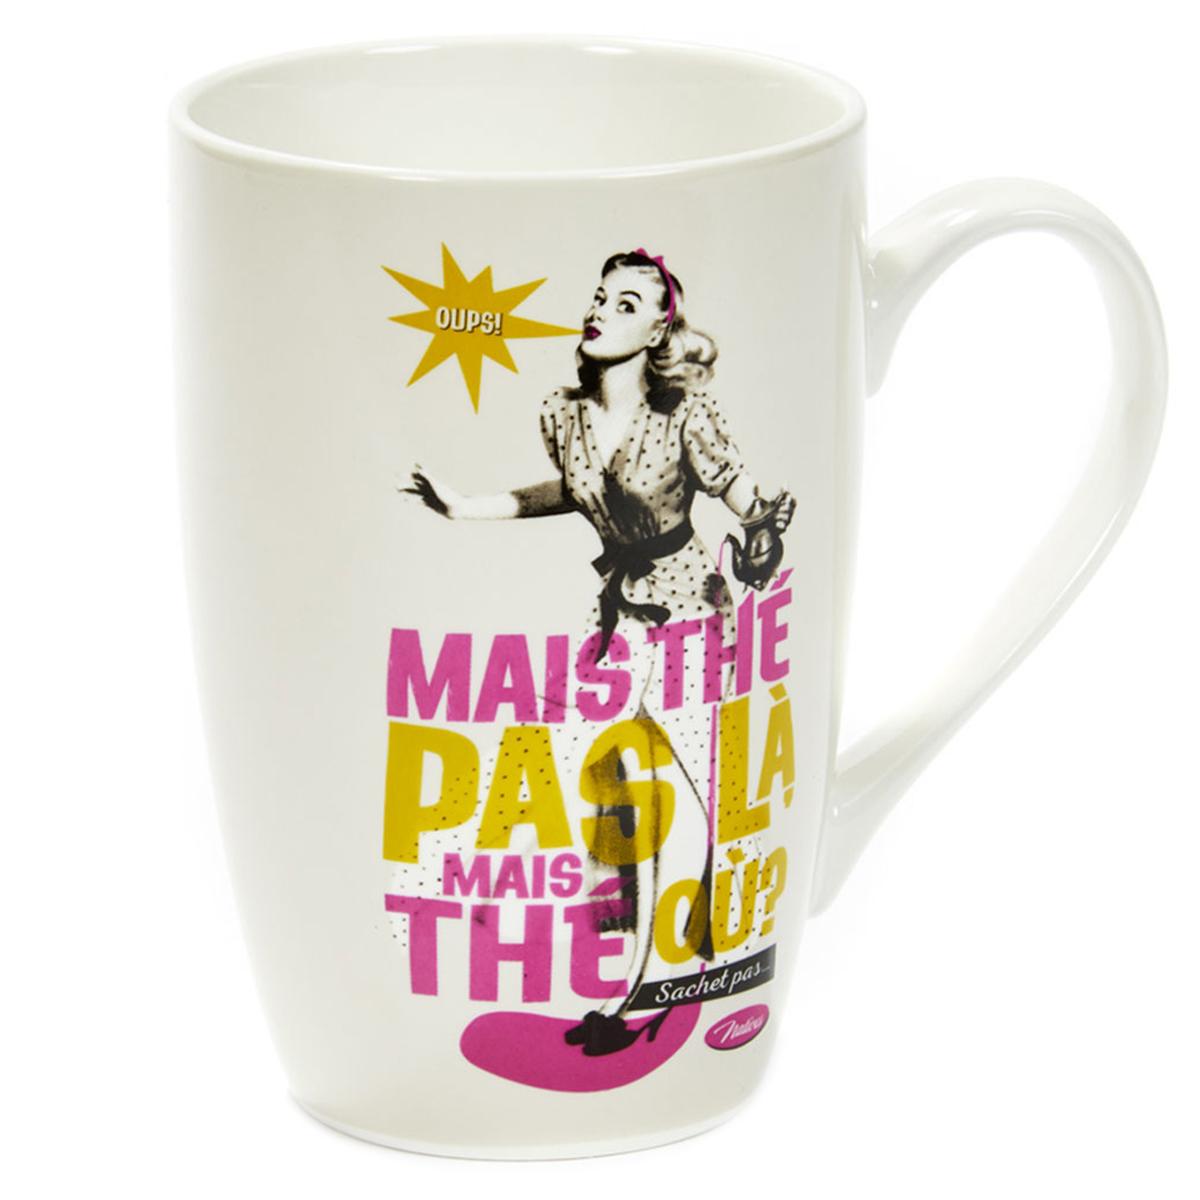 Grand mug porcelaine \'French Vintage\' (Mais thé pas là Mais thé où ? sachet pas ) - 13x85 cm (46cl) - [Q6972]